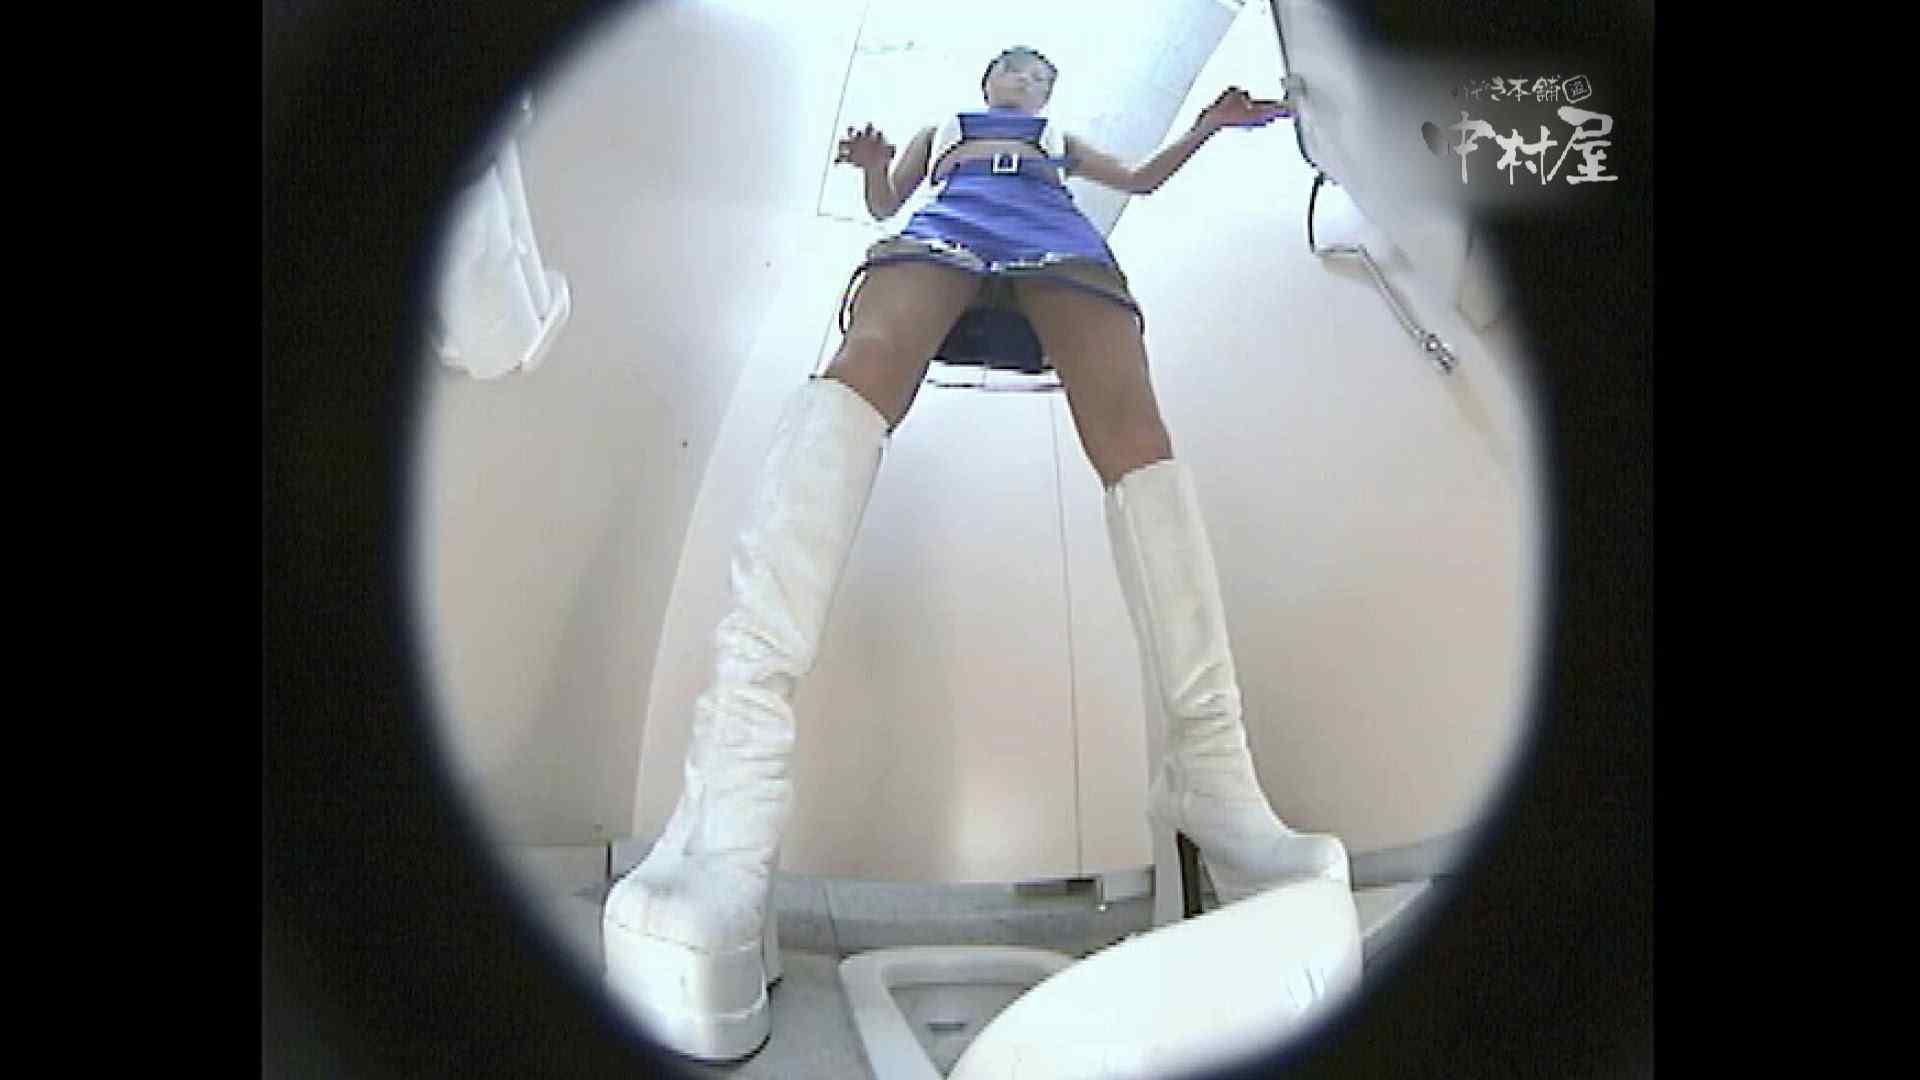 レースクィーントイレ盗撮!Vol.09 便器の中は のぞき動画キャプチャ 57枚